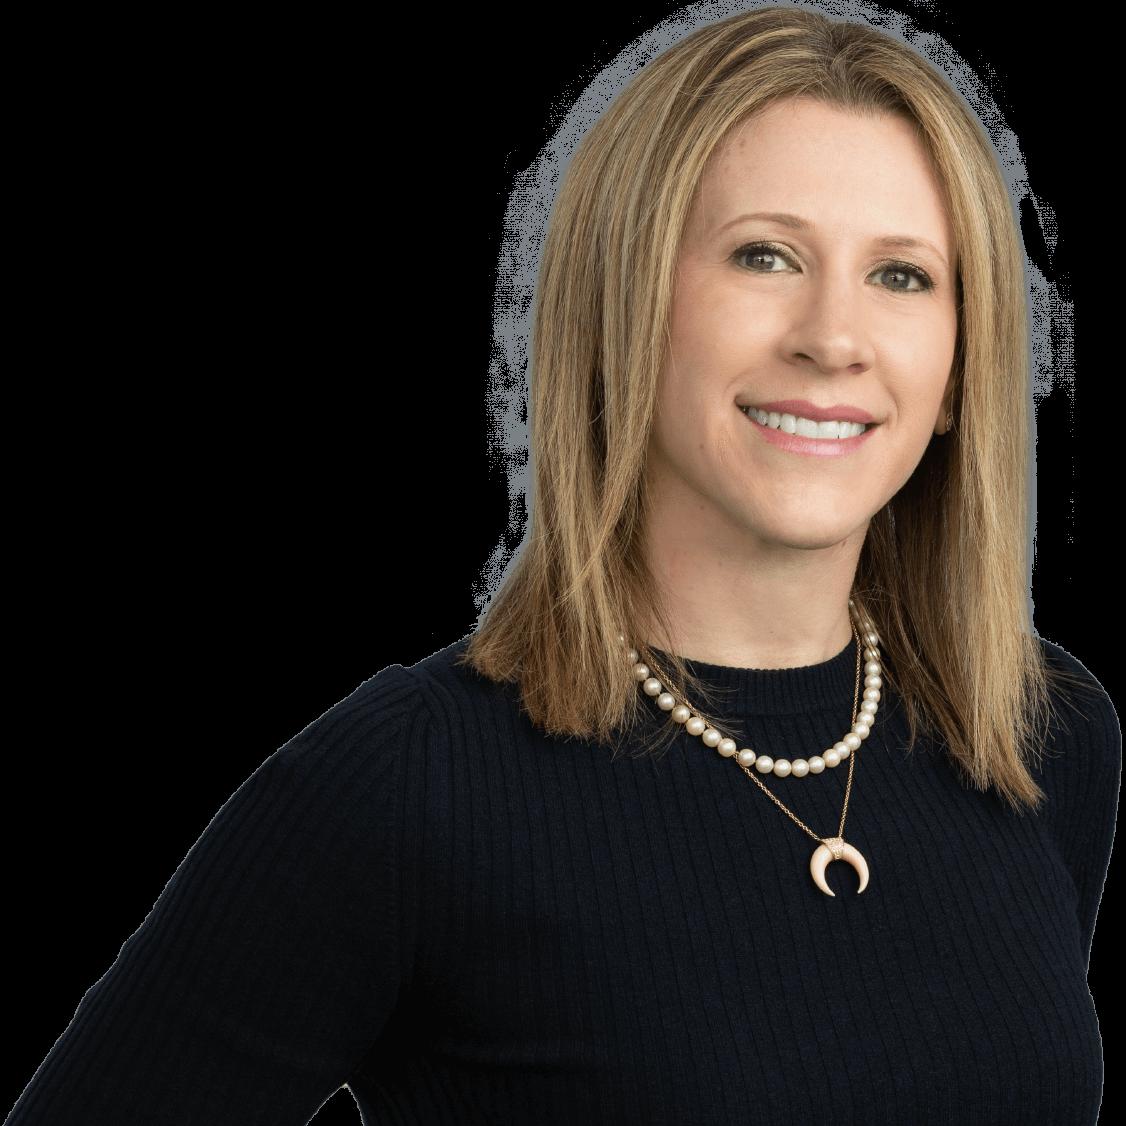 Kathy P. Josephson